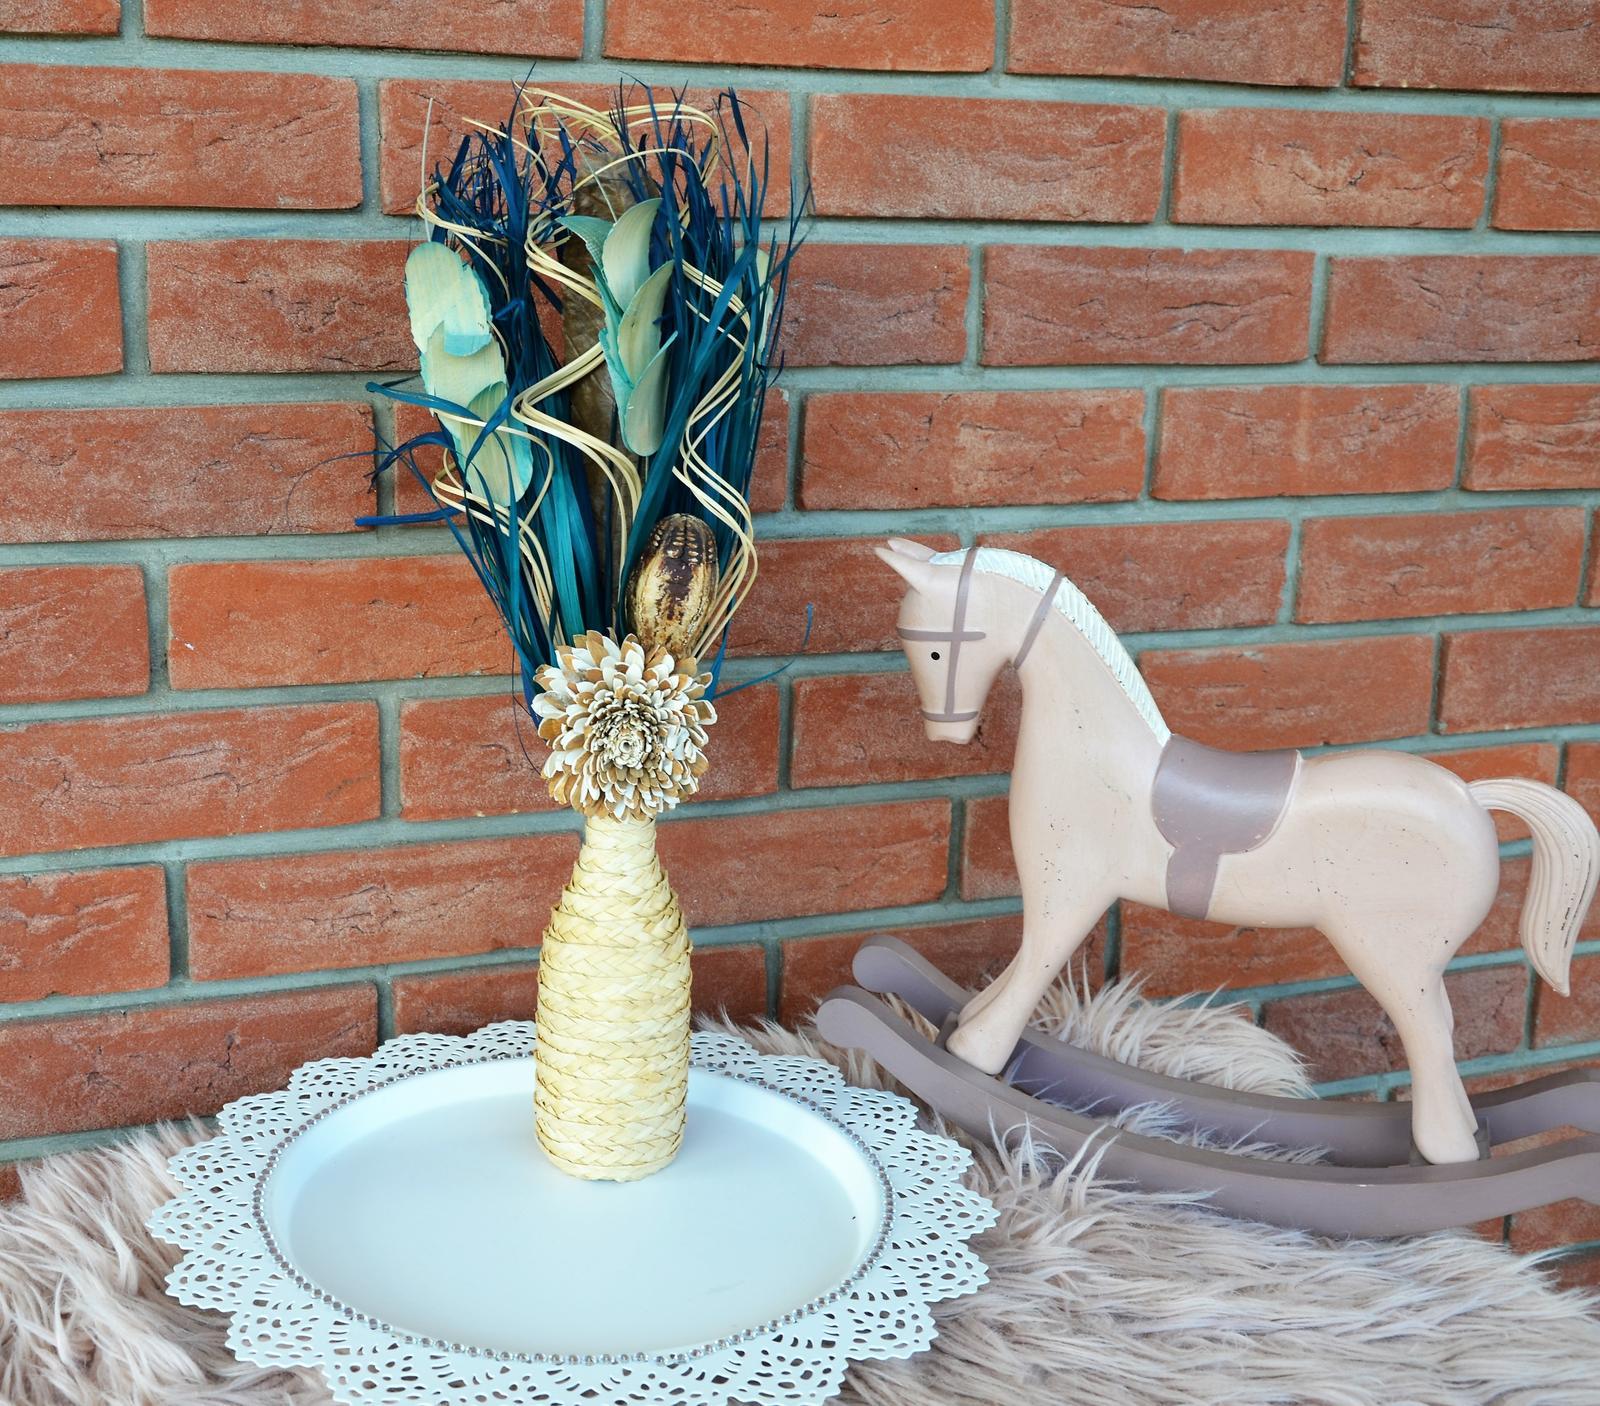 sušená kytica s vázou - Obrázok č. 1